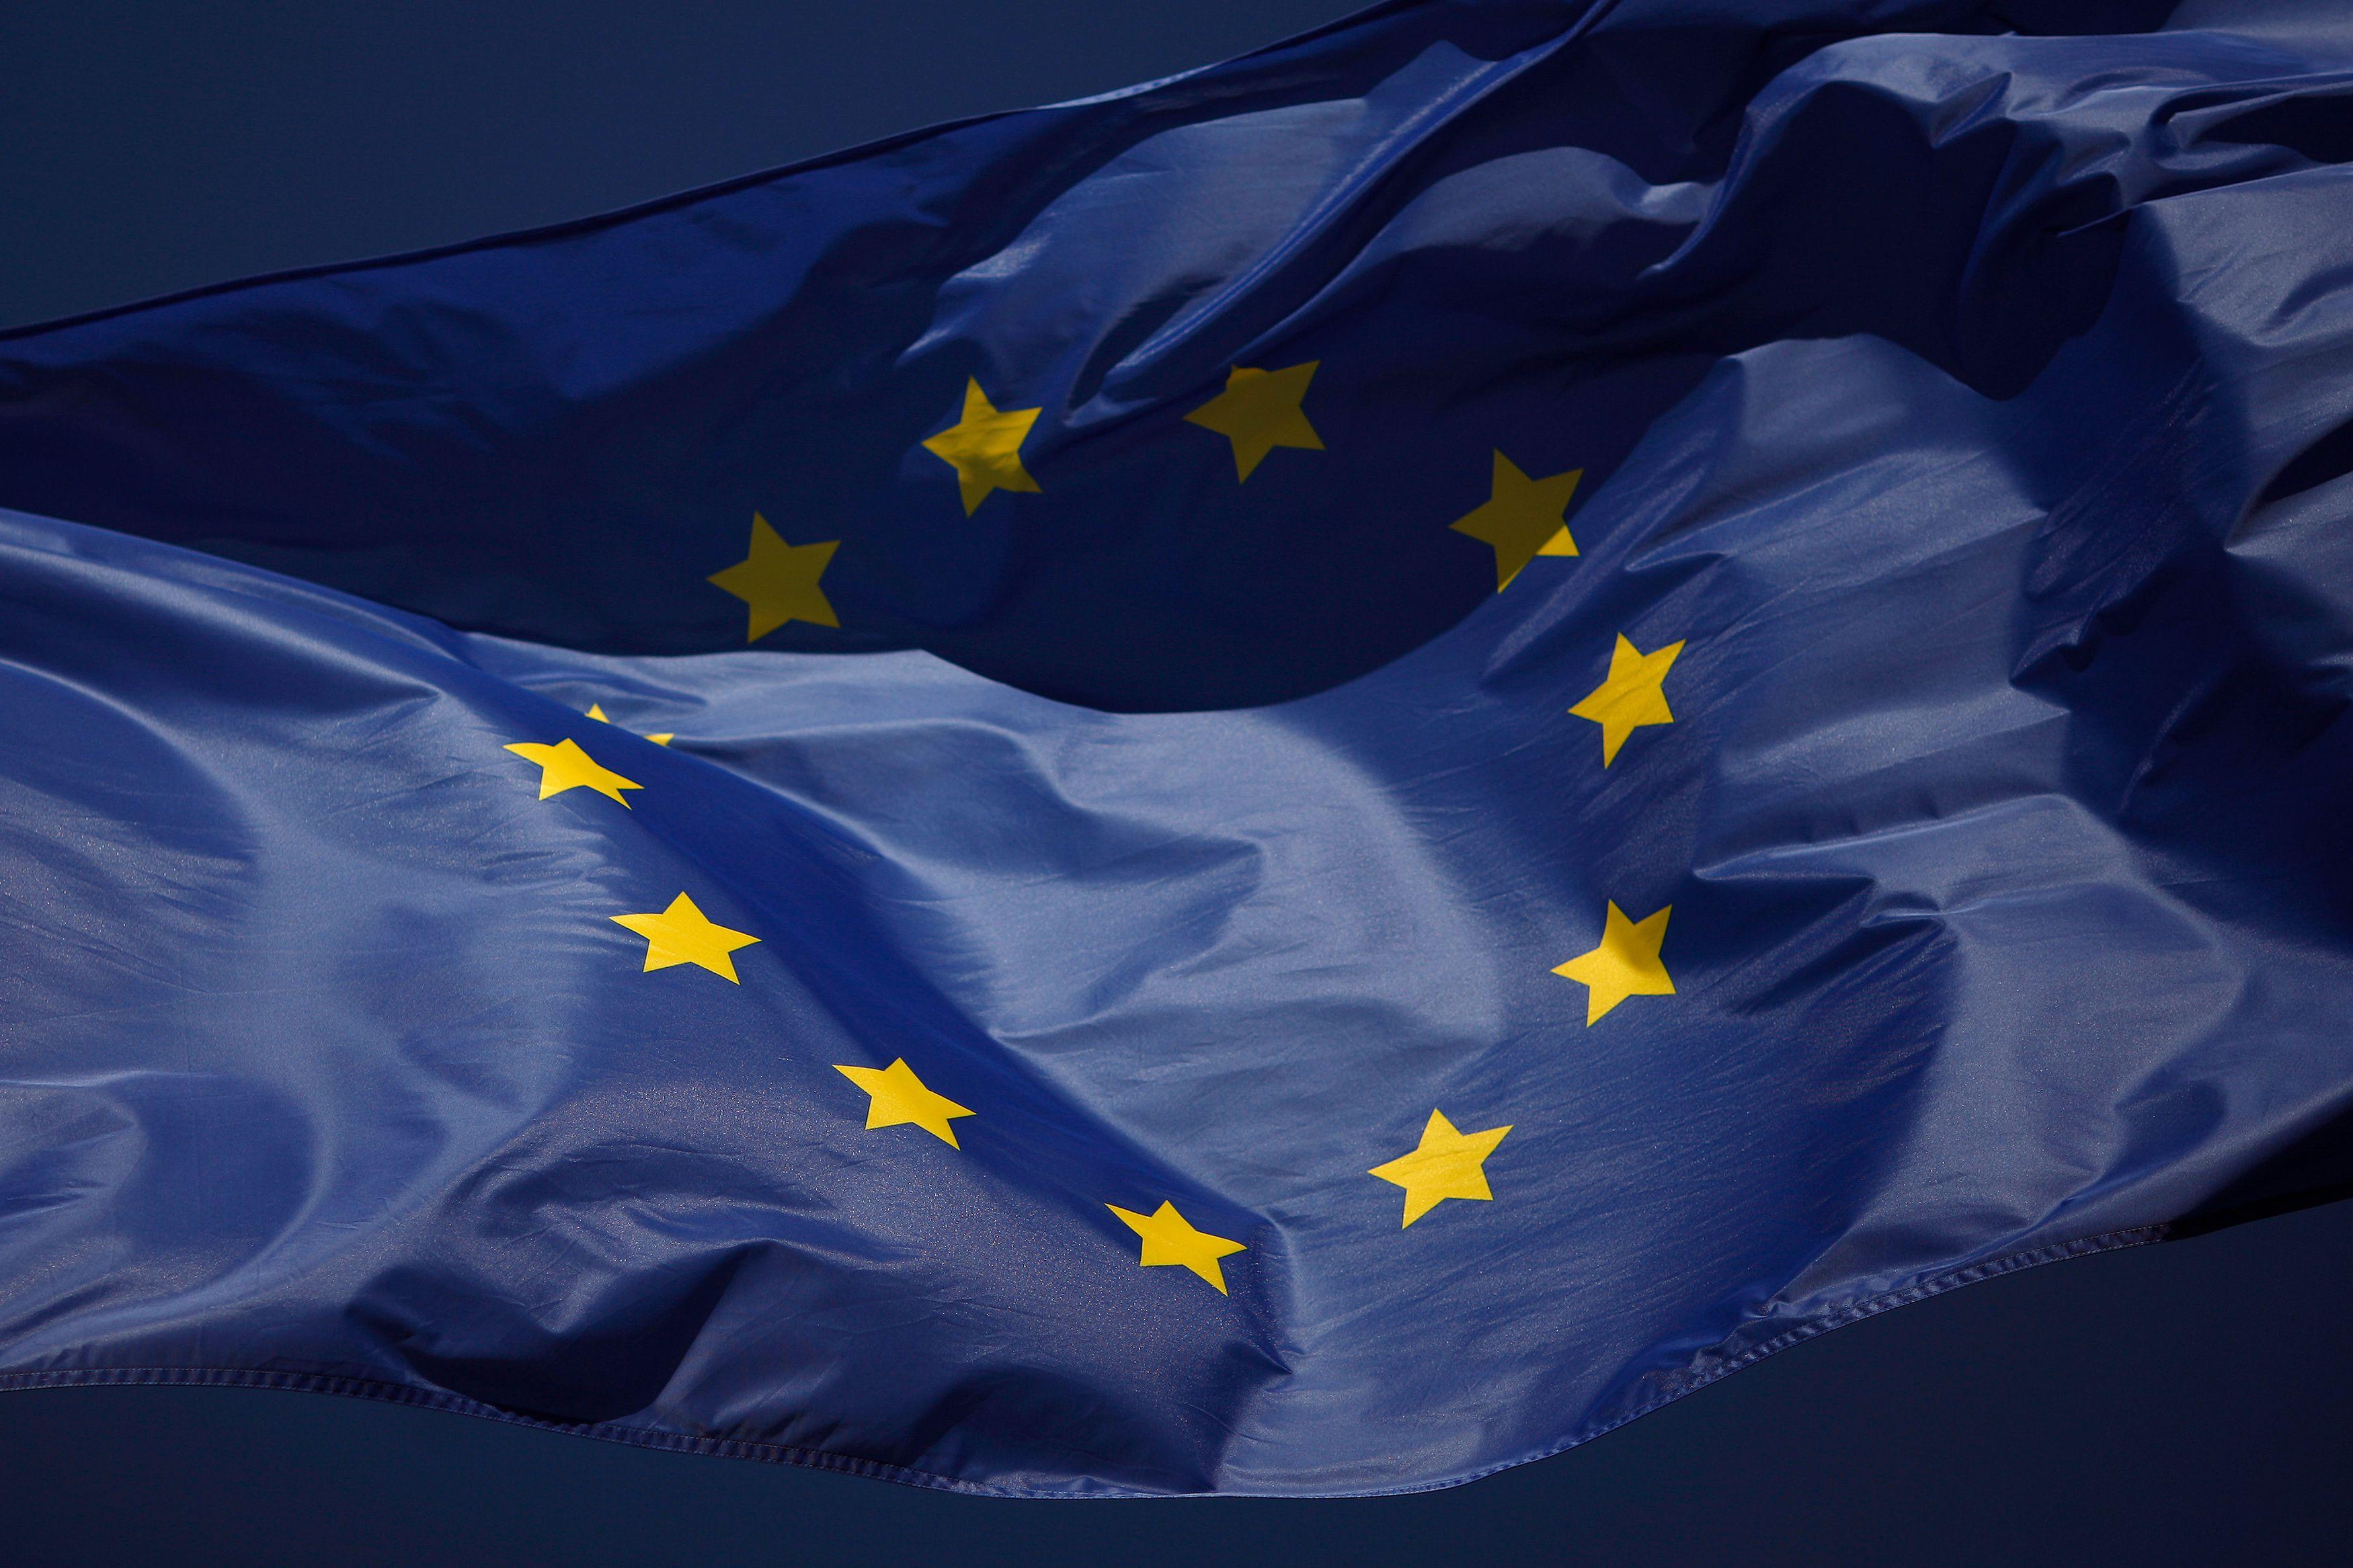 """Comment mieux associer les États membres de l'Union européenne au sein de """"communautés régionales"""" dans le respect de leur souveraineté nationale"""